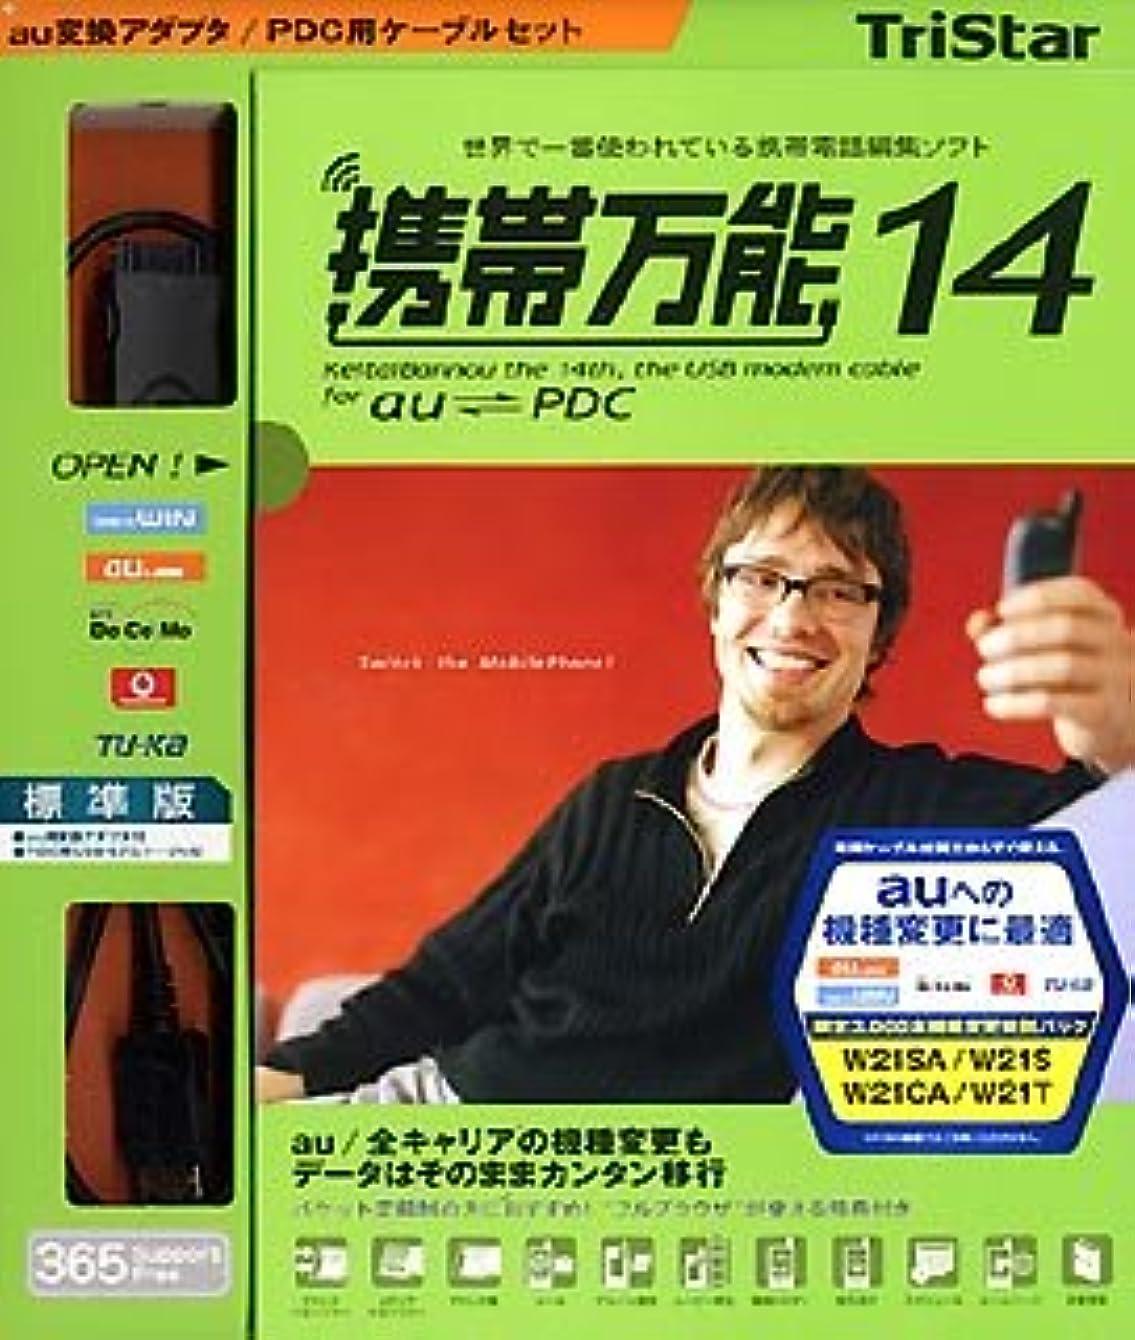 対処支払う交渉する携帯万能 14 PDC用USBケーブル + au変換アダプタセット